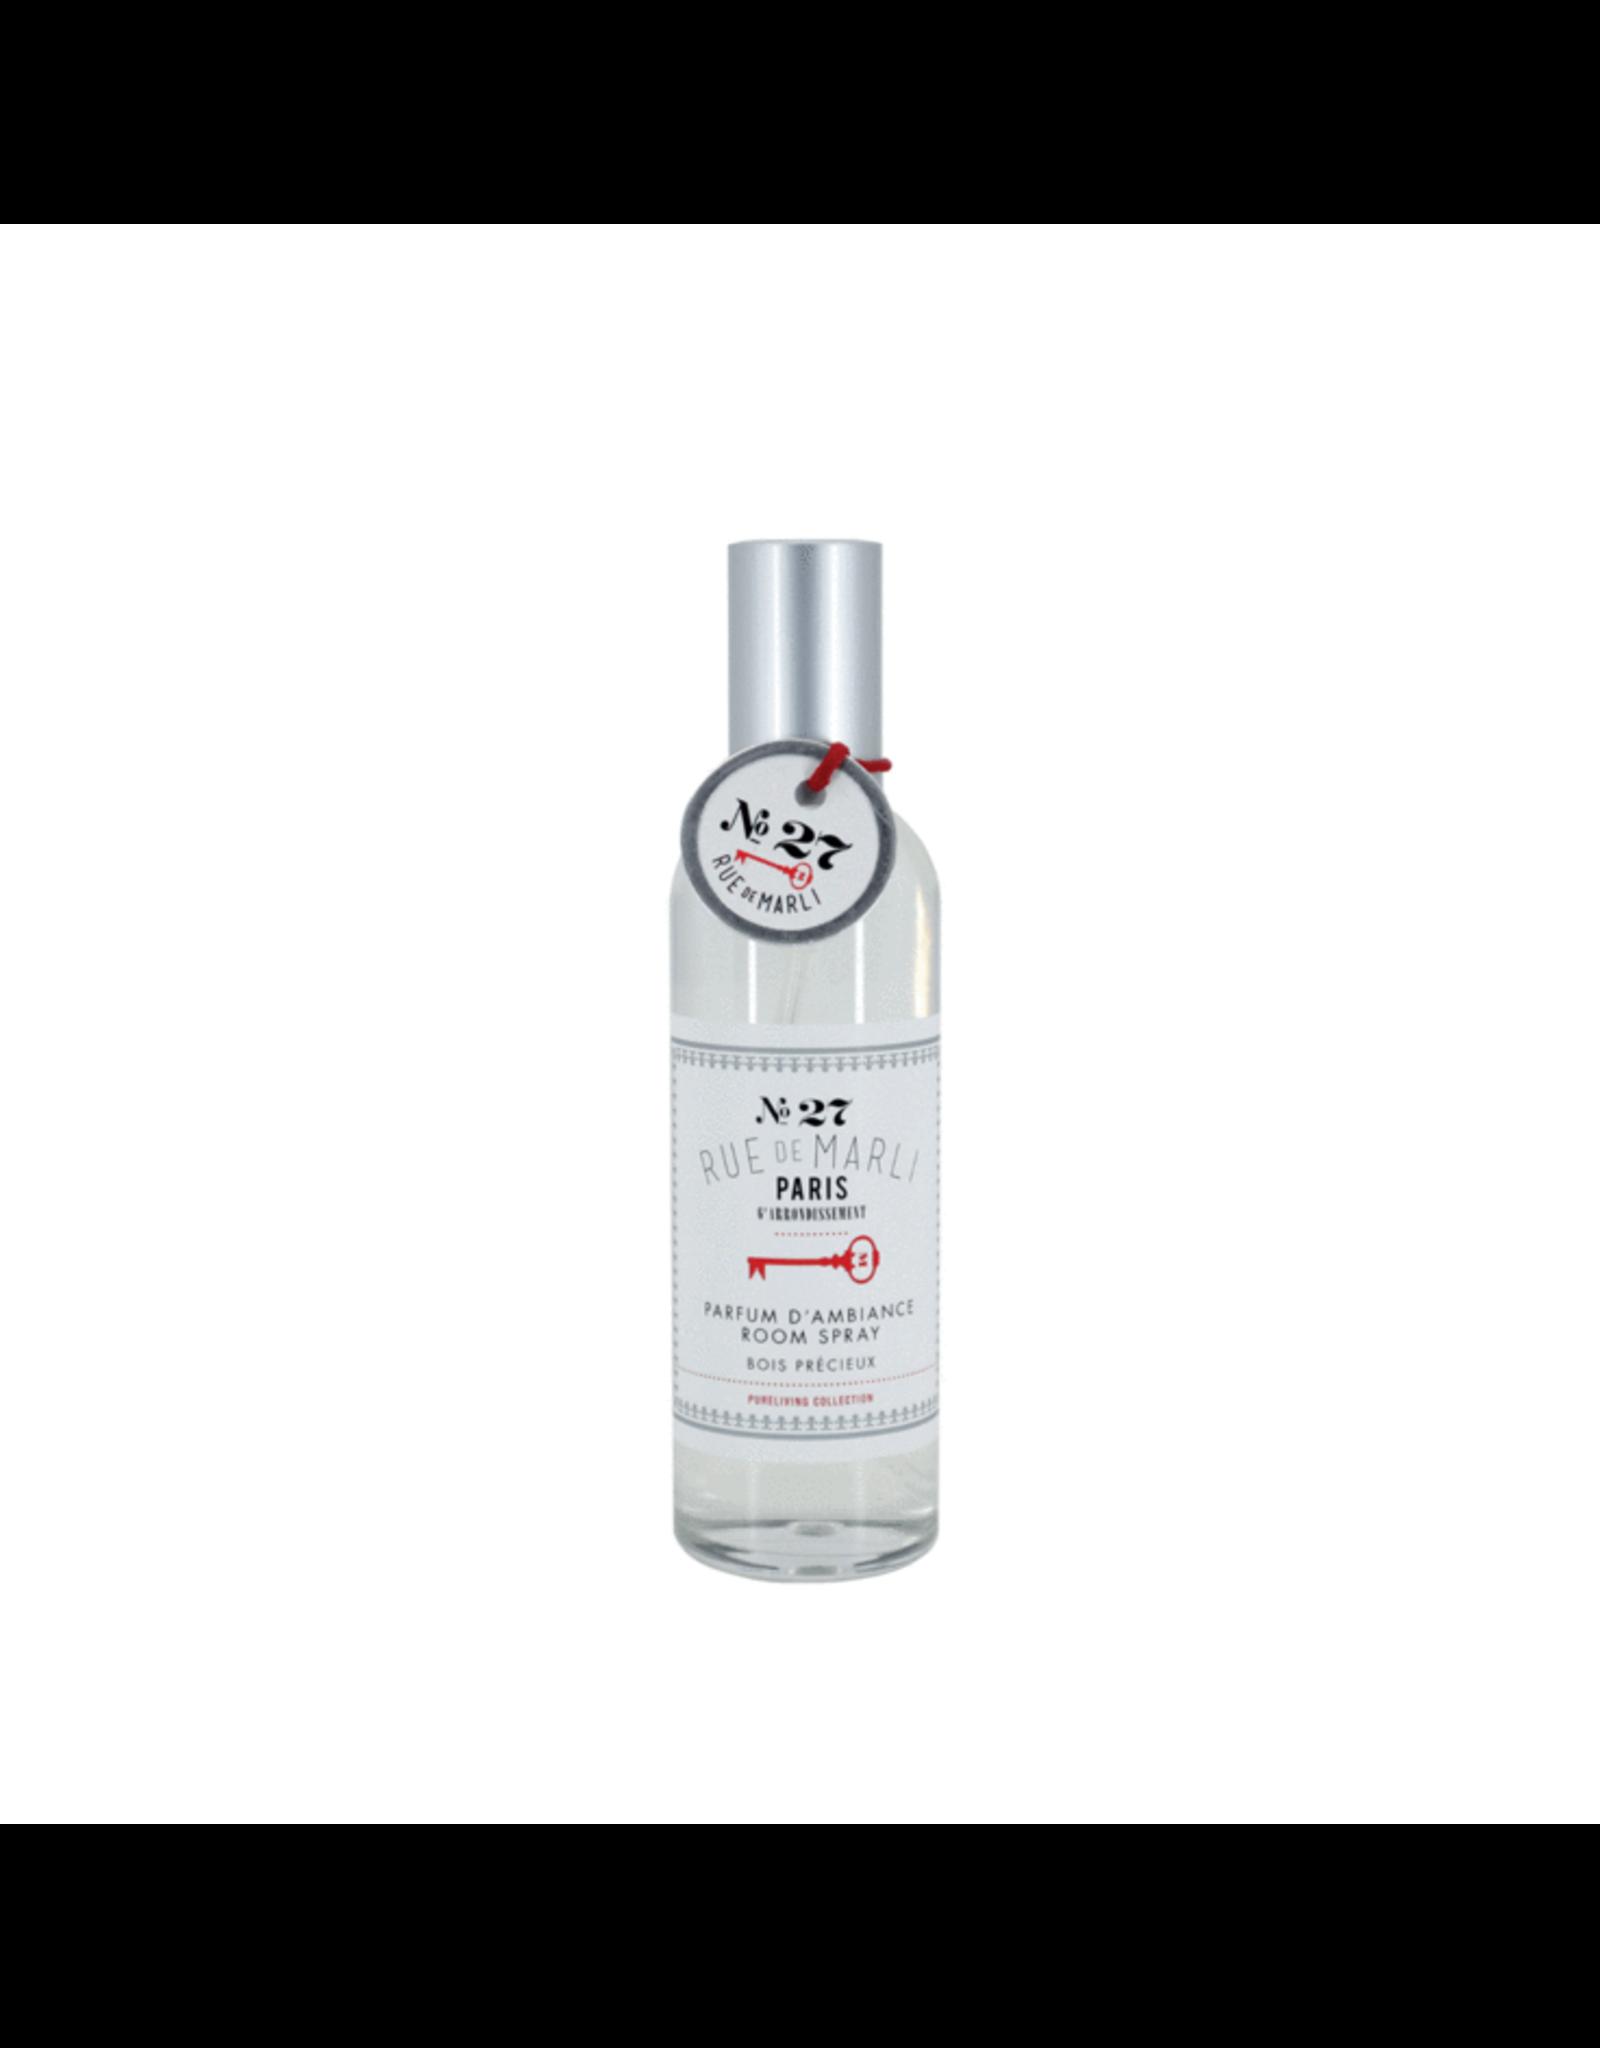 Rue de Marli # 27: Parfum d'ambiance  -  Bois précieux